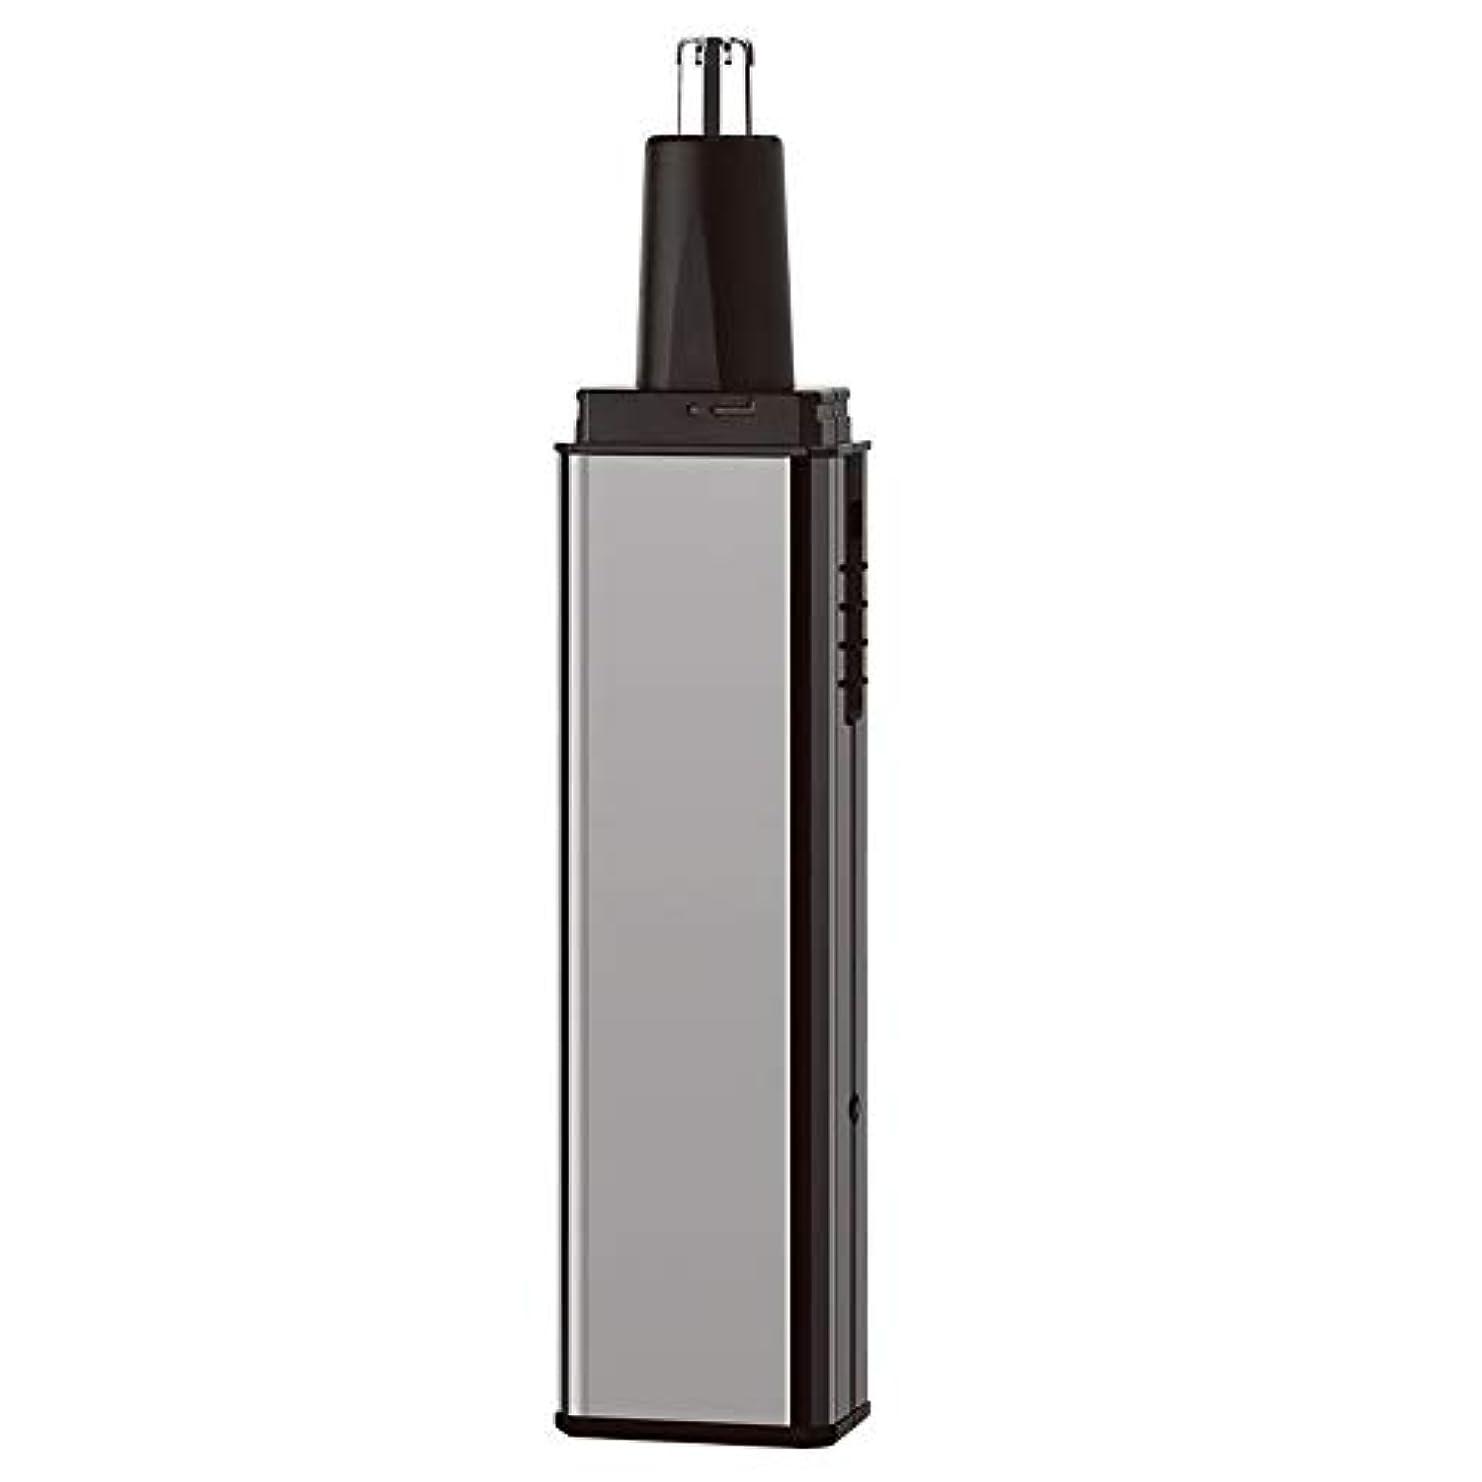 同情的ゲート防水鼻毛トリマー-多機能スーツフォーインワン/電気鼻毛トリマー/ステンレススチール/多機能/ 13.5 * 2.7cm 使いやすい